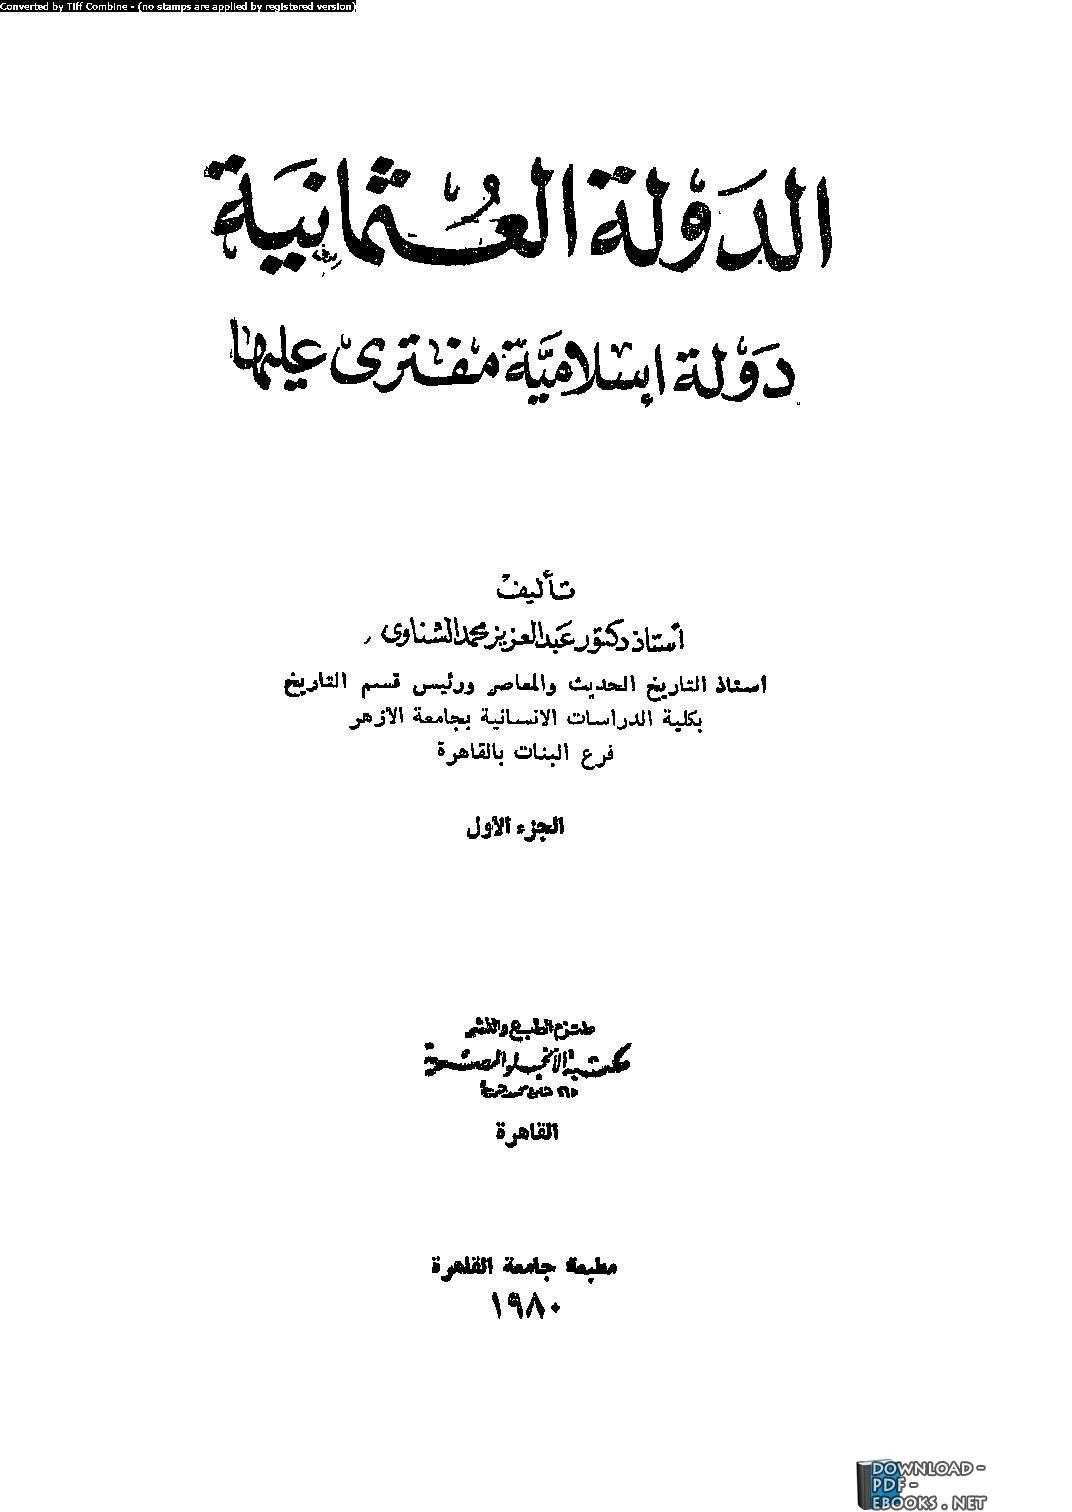 كتاب الدولة العثمانية دولة إسلامية مفترى عليها